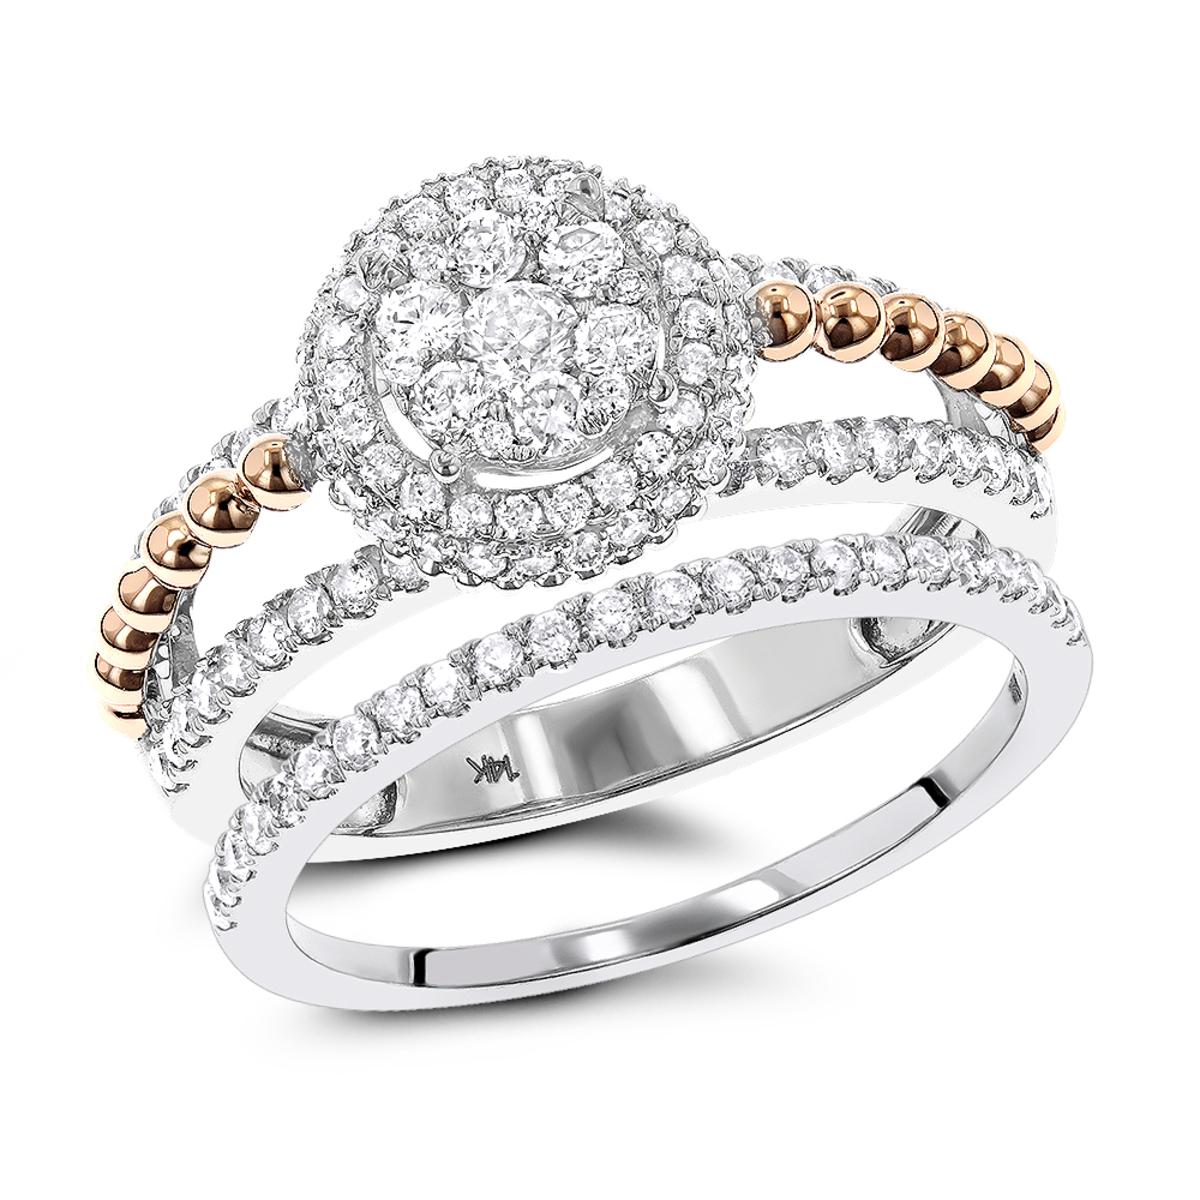 Unique 14K Gold 1 Carat Halo Flower Diamond Engagement Ring Set